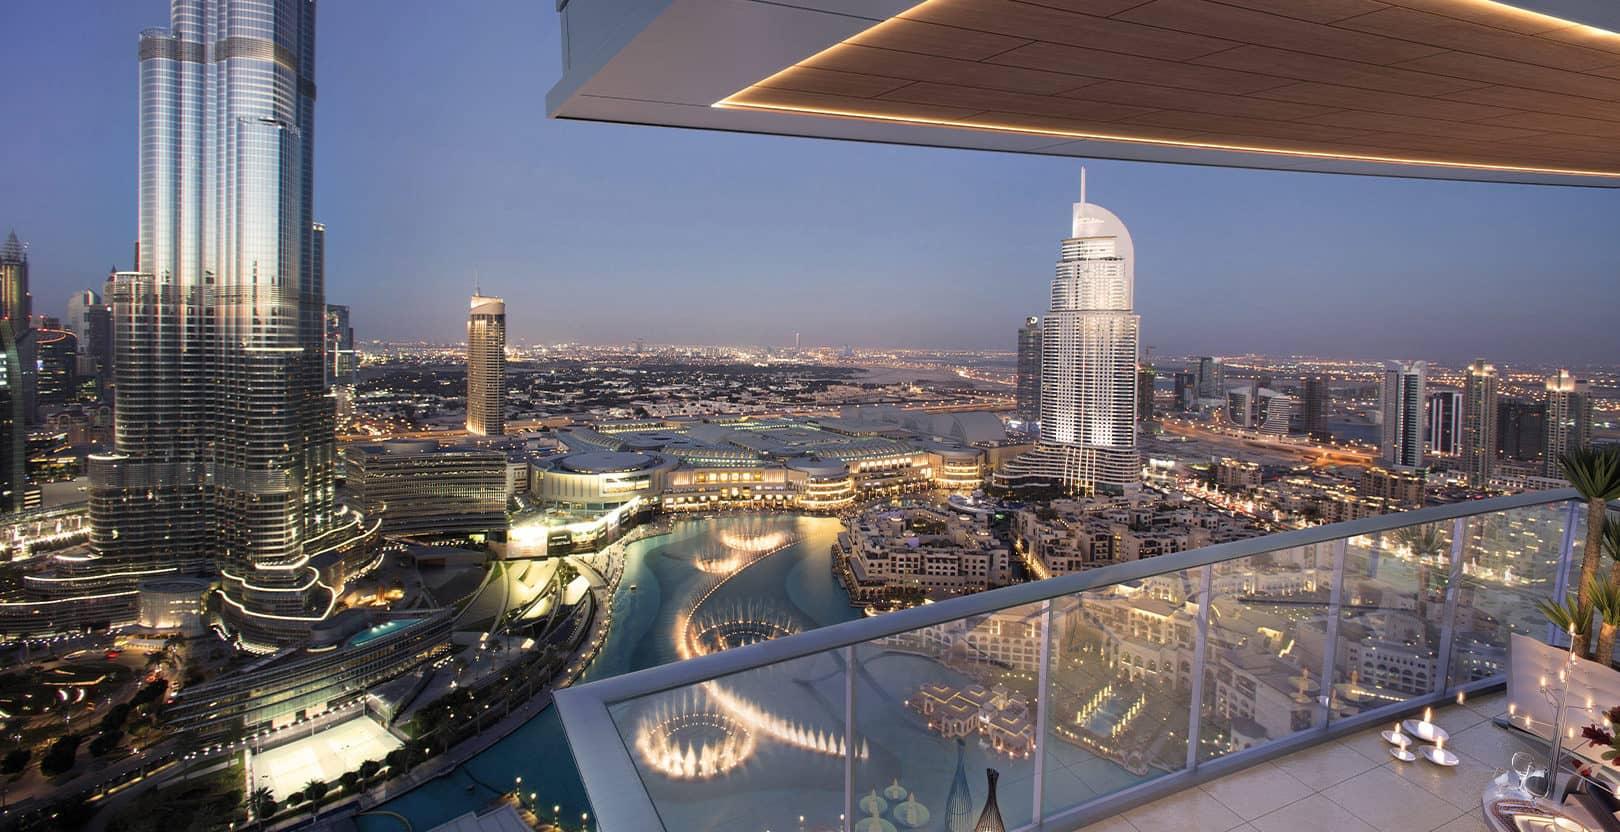 Buy Emaar Properties in Dubai